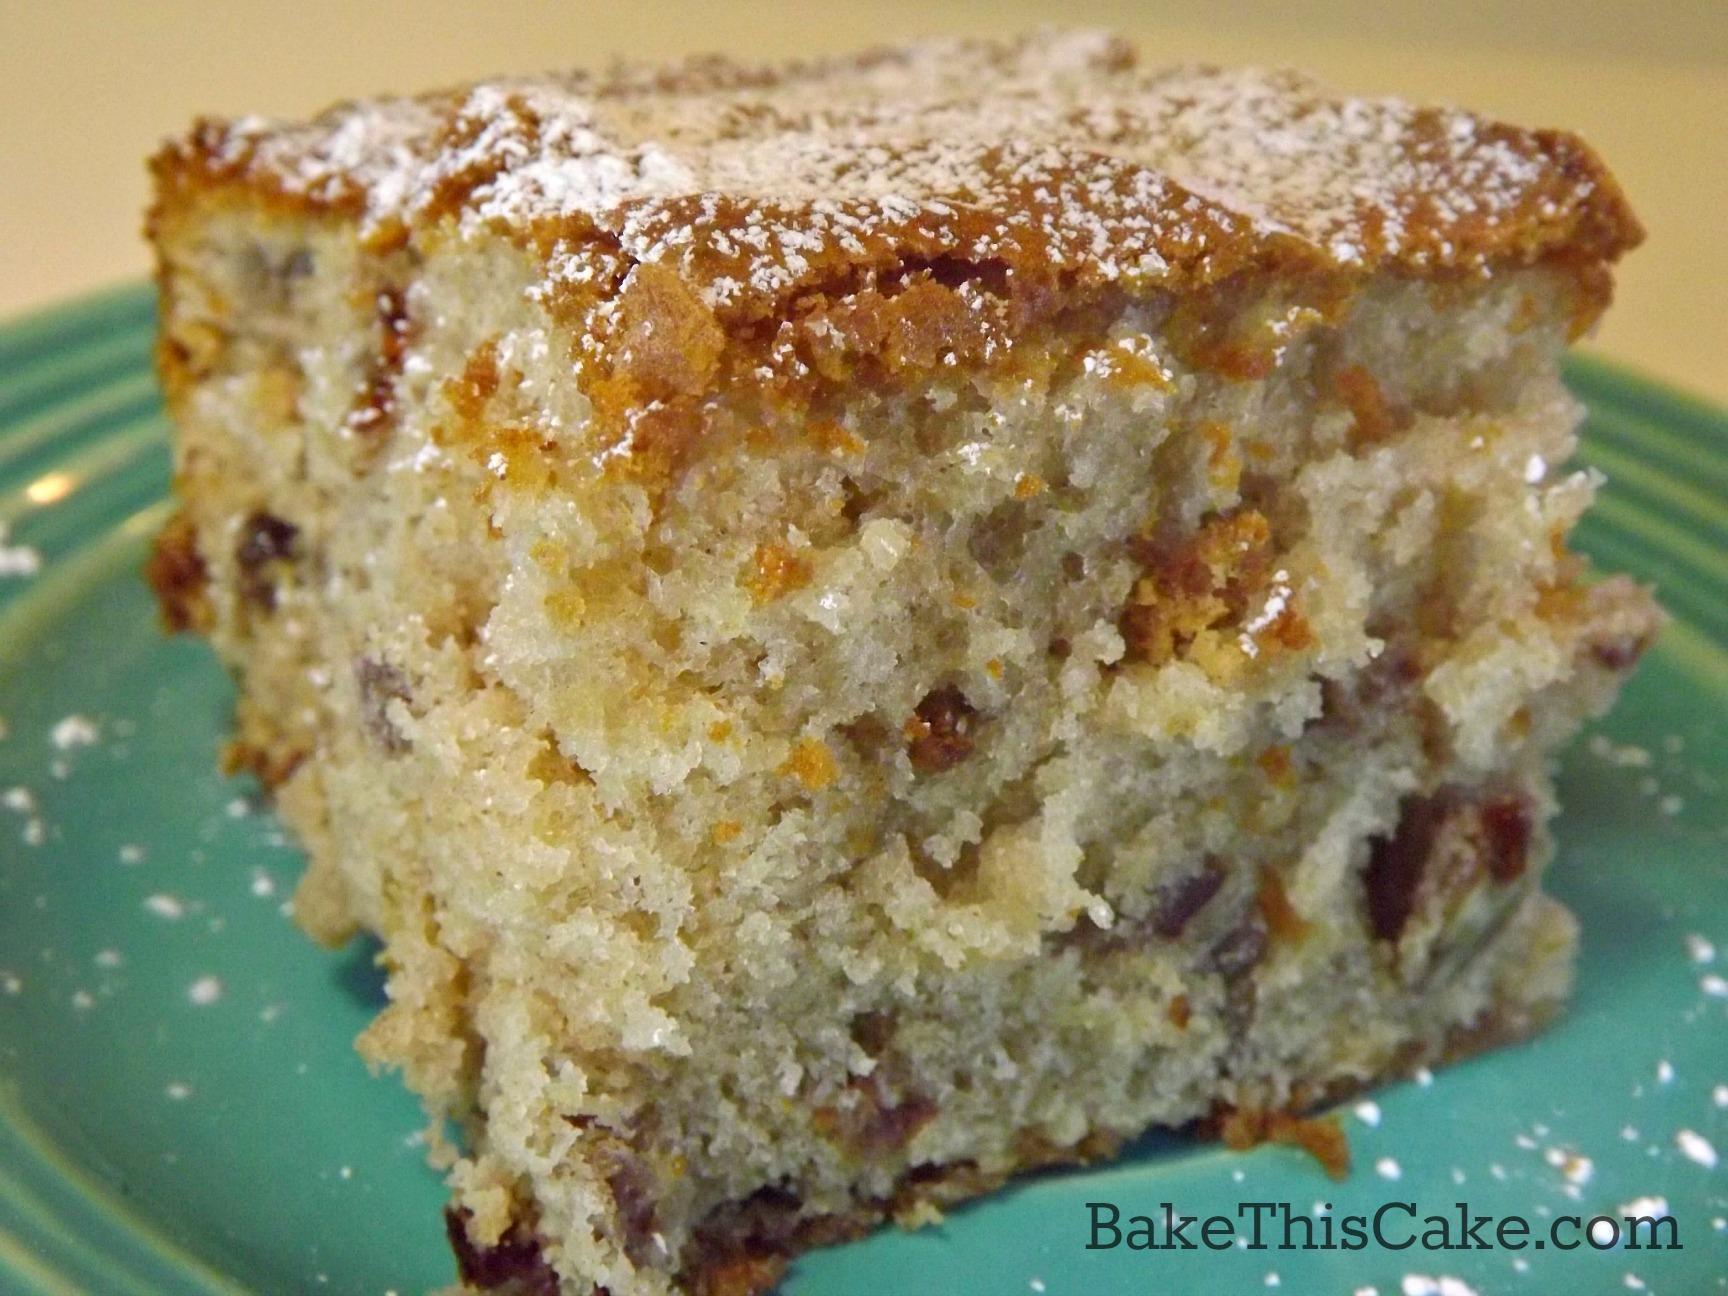 Eggless Cake Recipe Without Baking Soda Good Cake Recipes On Cake Recipe Without Baking Powder Or